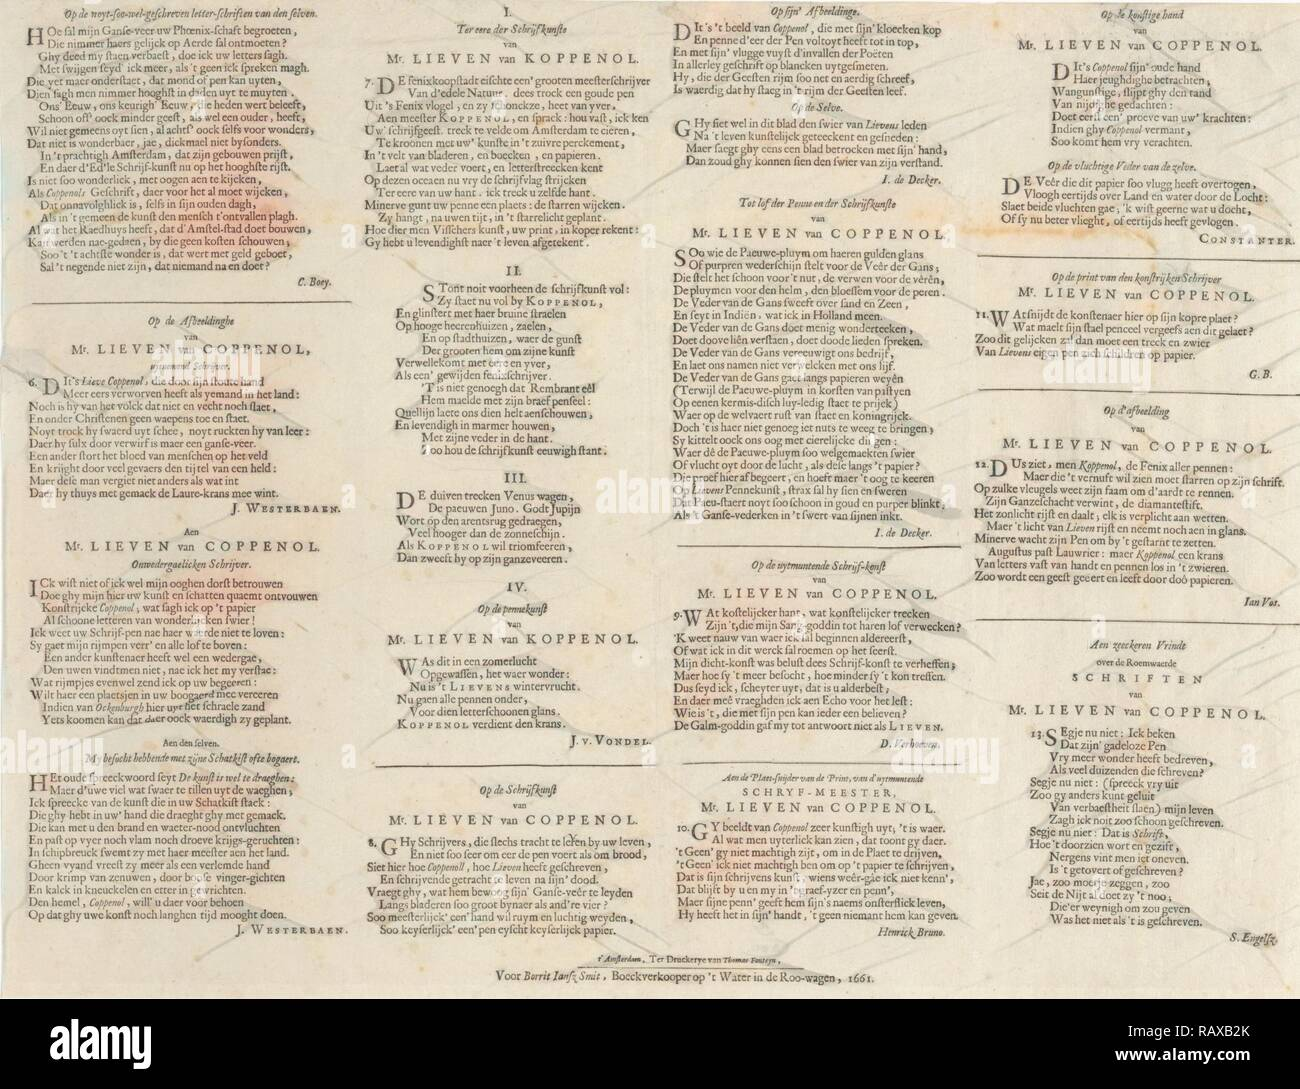 L'éloge de poèmes divers auteurs Lieven Willemsz ou Coppenol, Cornelis Boey, Jacob Westerbaen, Joost van den Vondel repensé Banque D'Images